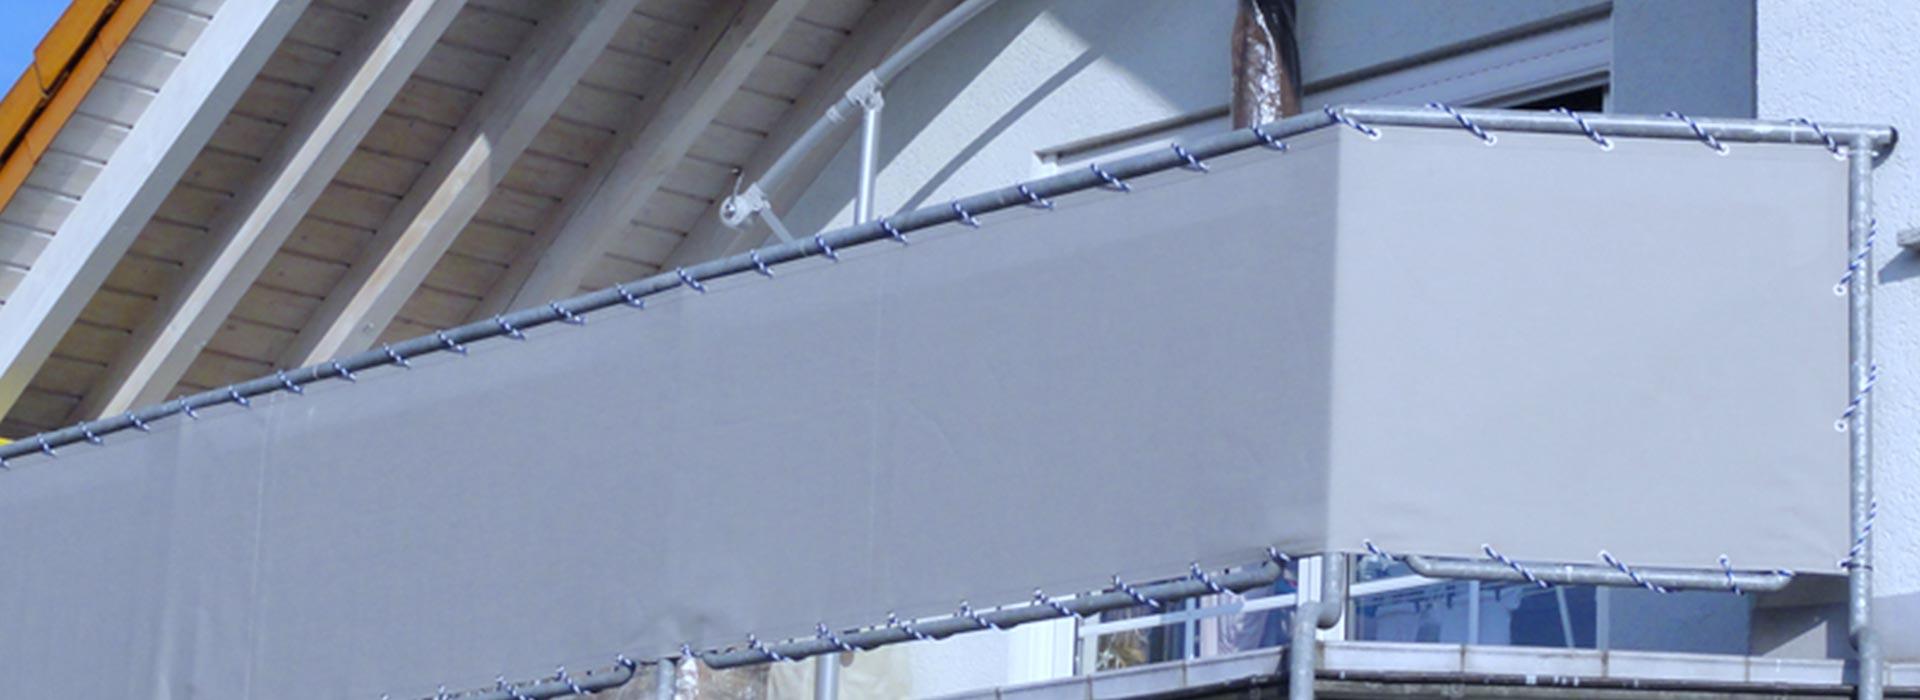 Balkonumrandung & Balkonfächer